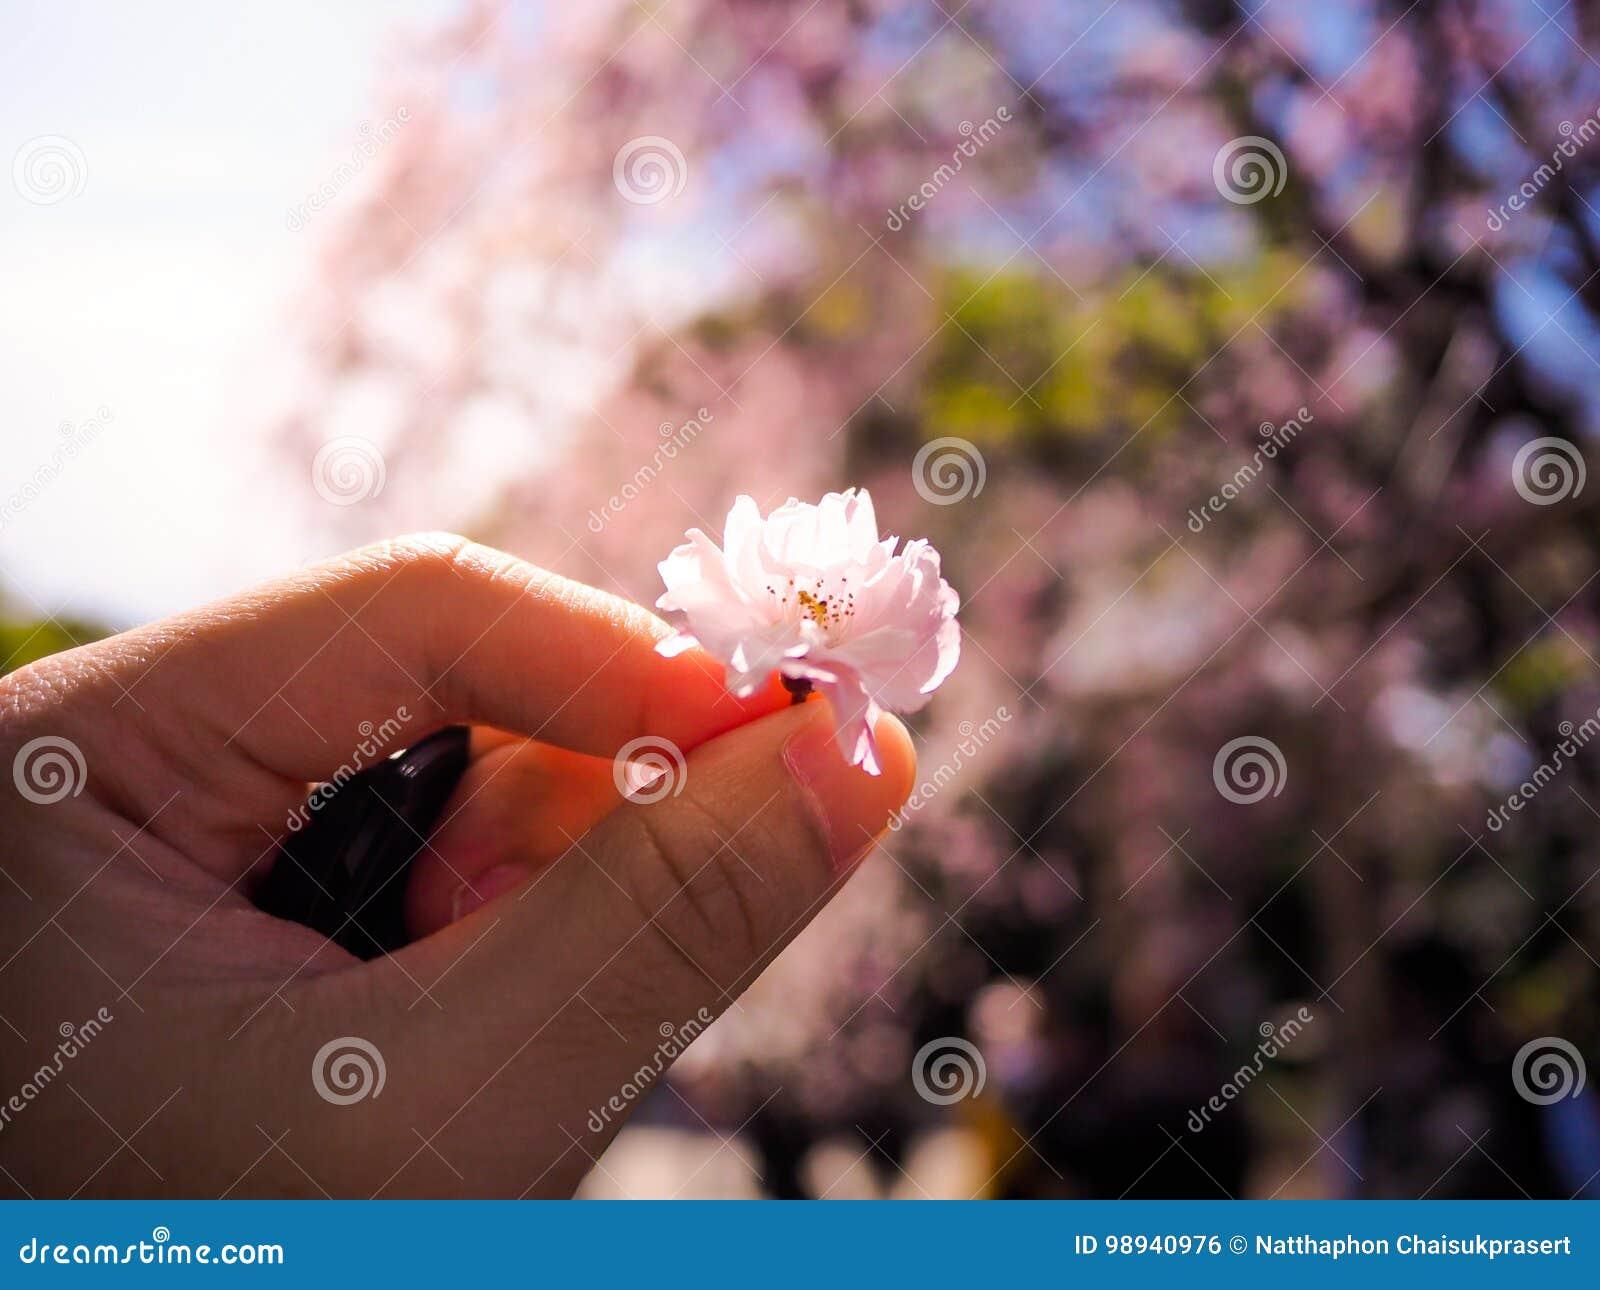 Heben Sie eine schöne und bunte Kirschblüte, Kirschblüte auf